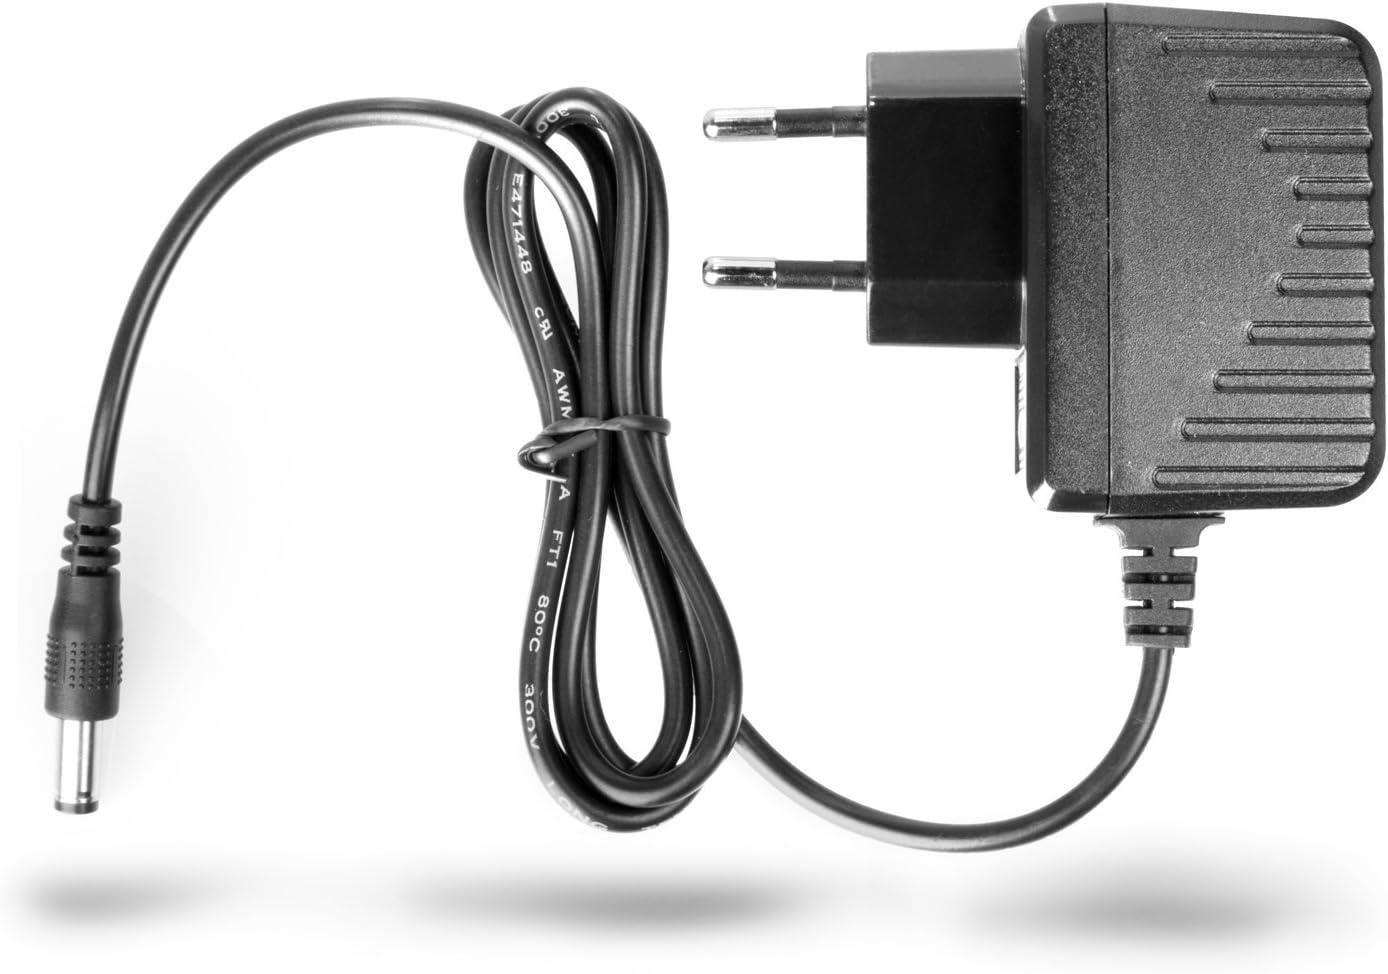 Adaptador europeo de corriente universal a 5 voltios y 2 amperios para Android Tv Box y otros electrodomésticos: Amazon.es: Electrónica